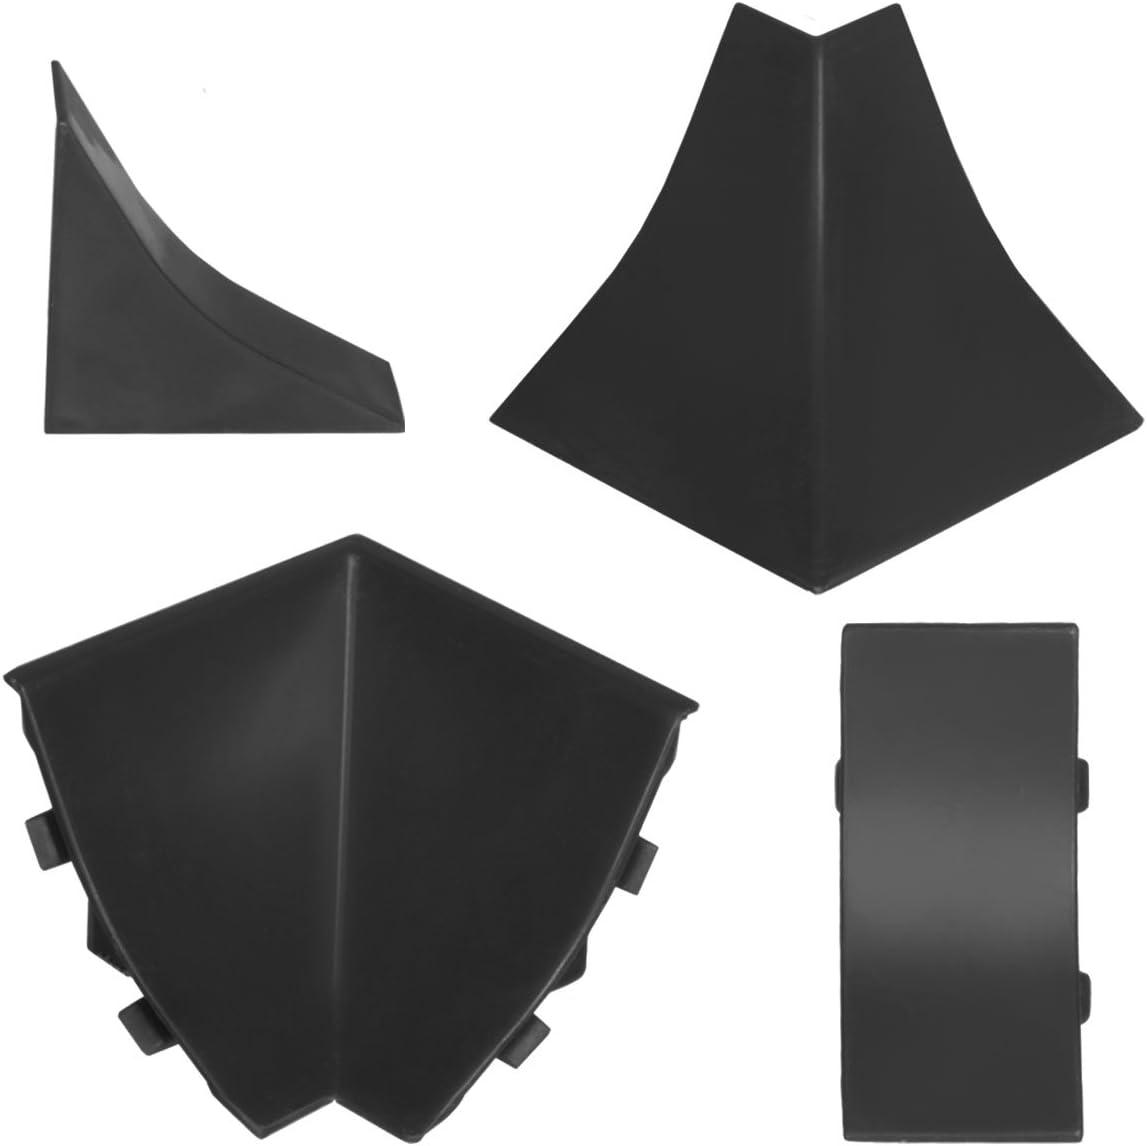 HOLZBRINK Plinthe de Comptoir de Cuisine 23x23 mm 150 cm Noire de Finition PVC Finition du Comptoir de Cuisine